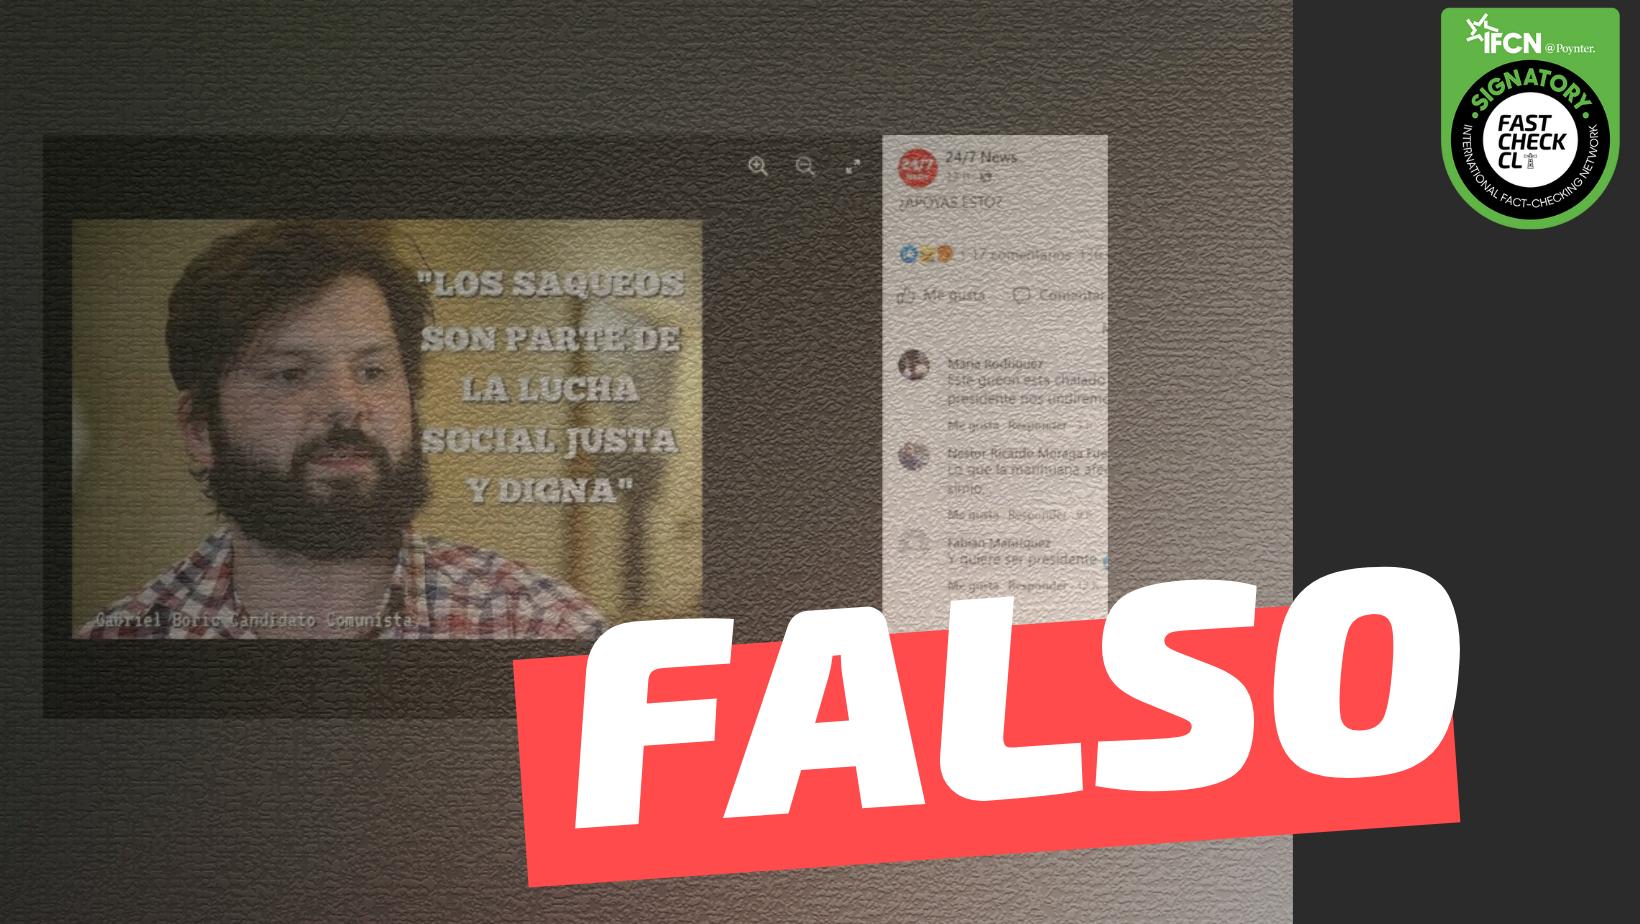 """Read more about the article Gabriel Boric: """"Los saqueos son parte de la lucha social justa y digna"""": #Falso"""